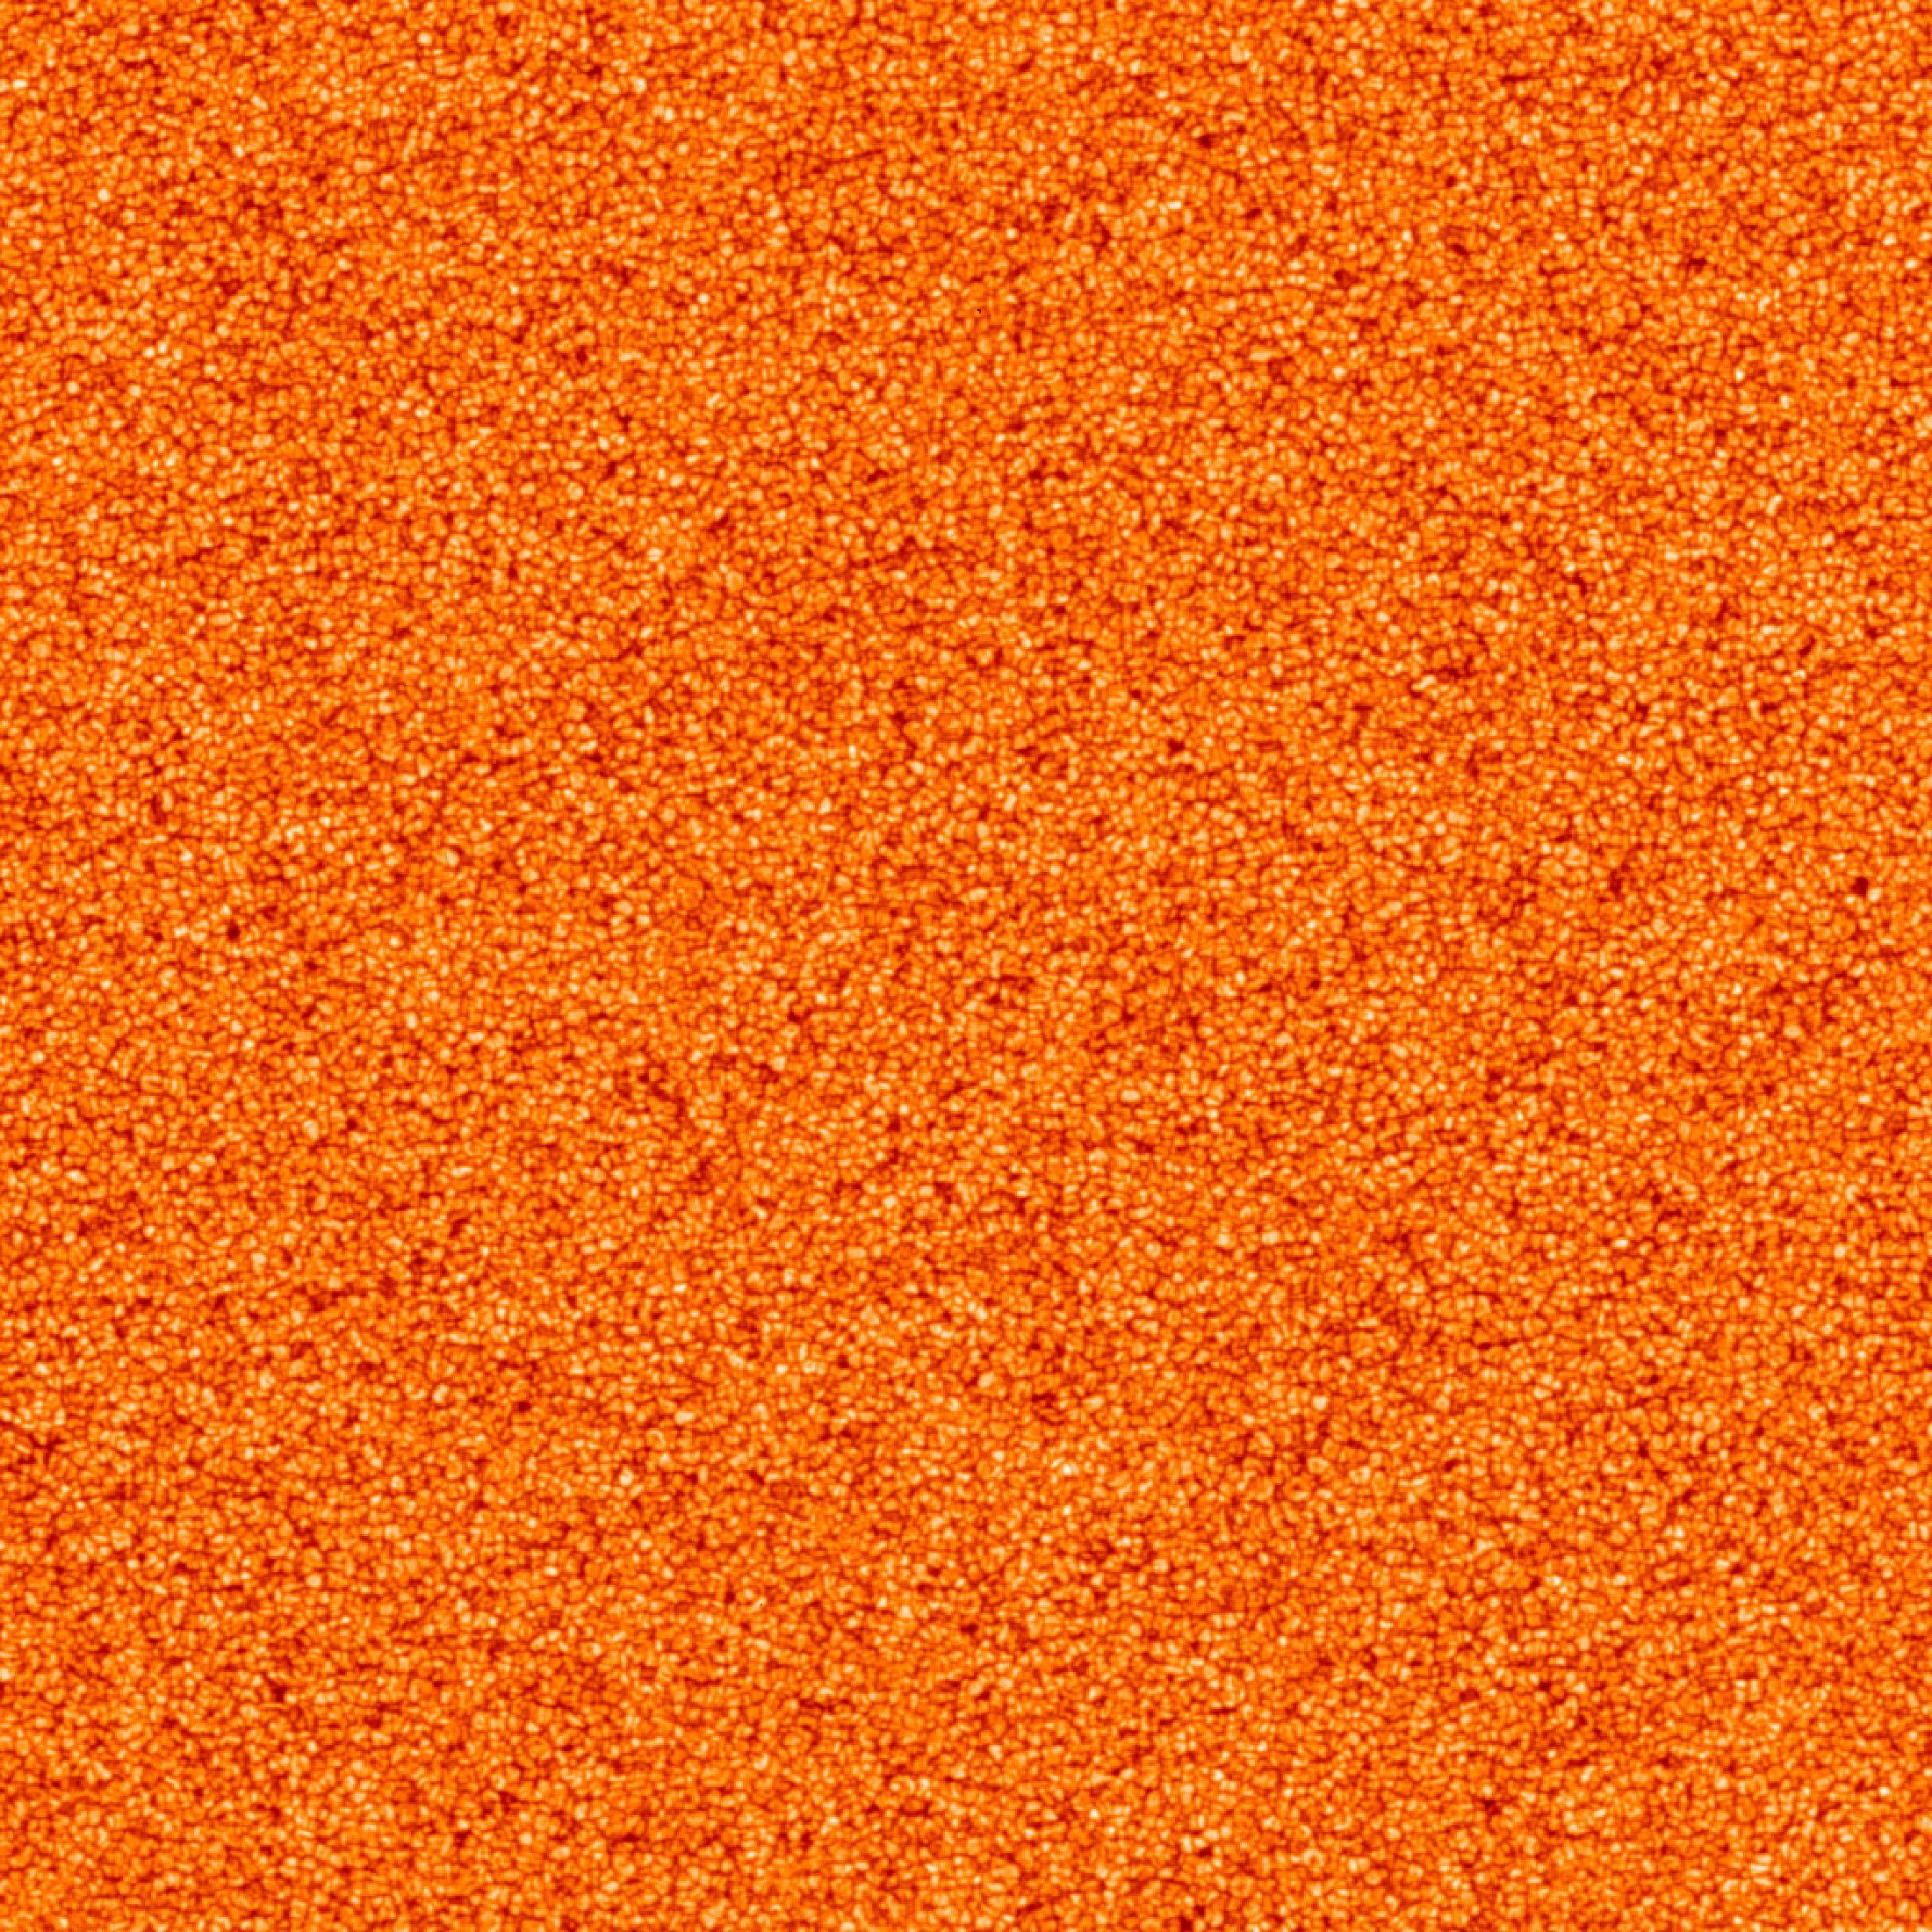 Una imagen de cerca tomada con el Telescopio de Alta Resolución de Imágenes Polarimétricas y Heliosísmicas (PHI) en la nave espacial Solar Orbiter de la NASA/ESA muestra el patrón de granulación del Sol que resulta del movimiento del plasma caliente bajo la superficie visible del Sol, tomada el 28 de mayo de 2020 (Solar Orbiter/Equipo PHI/ESA & NASA/Handout via REUTERS)